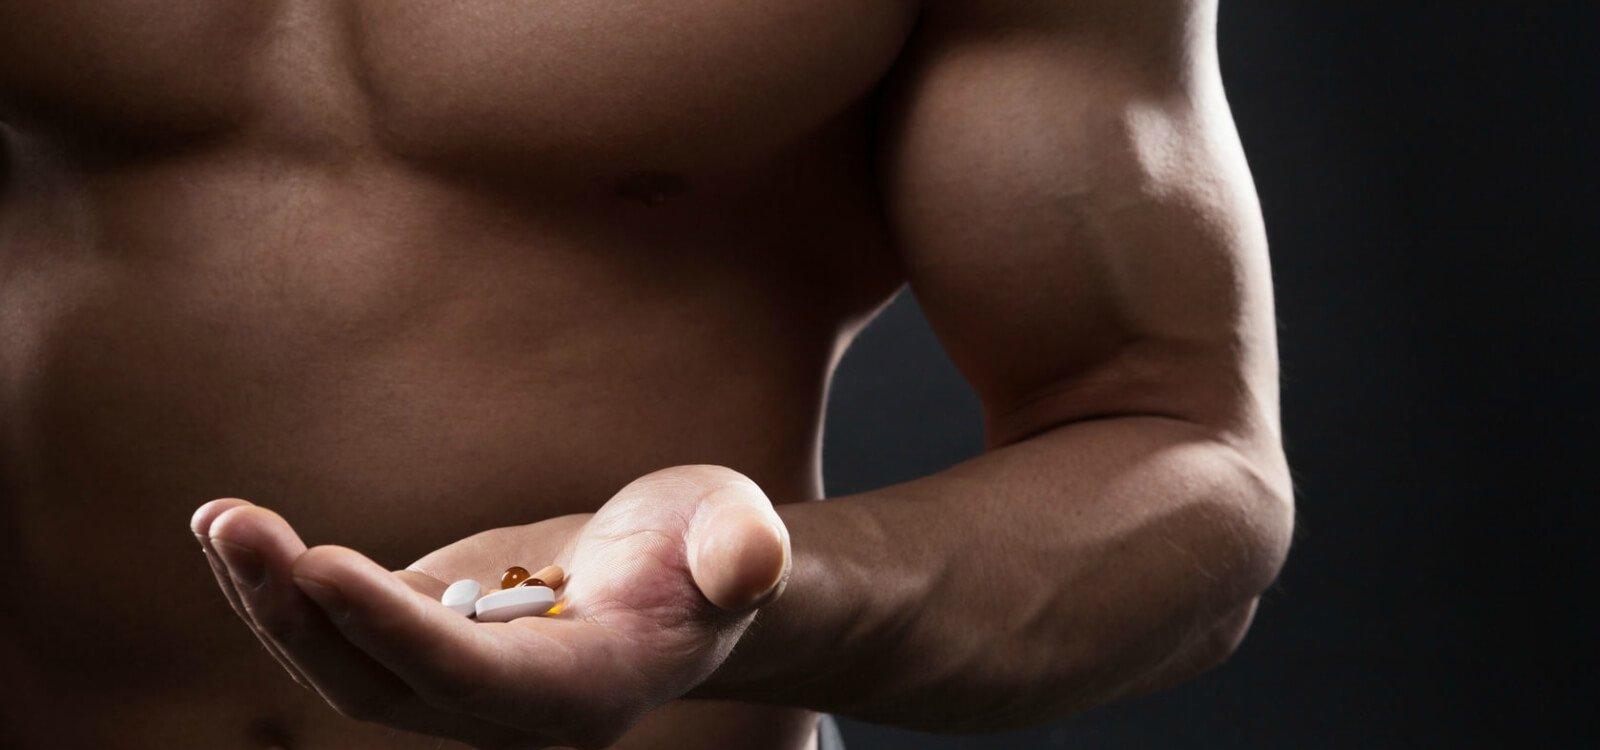 عکس آیا مصرف مسکنها باعث کاهش عضله سازی میشود؟